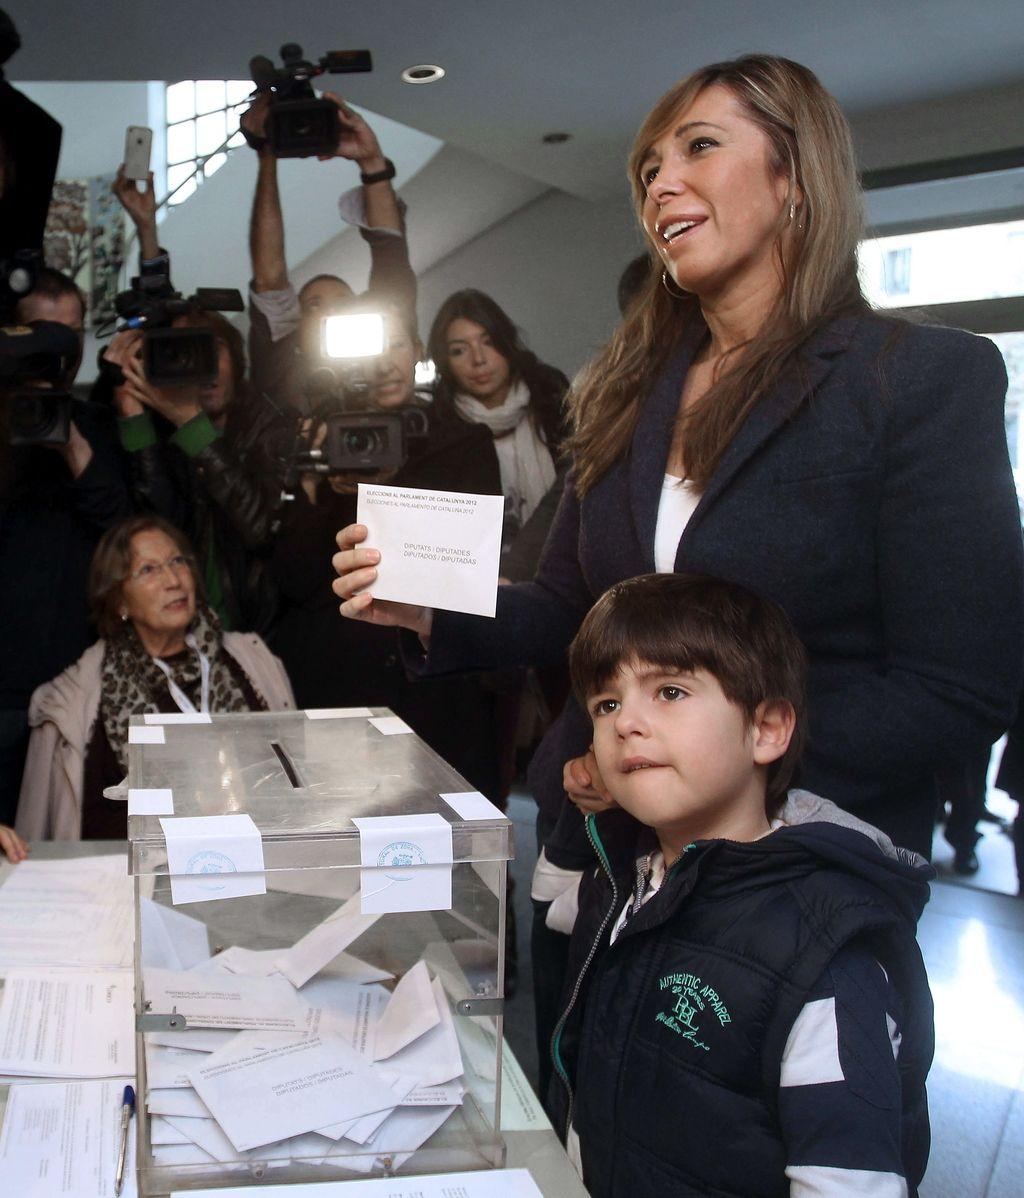 La candidata del PPC a la presidencia de la Generalitat, Alicia Sánchez-Camacho